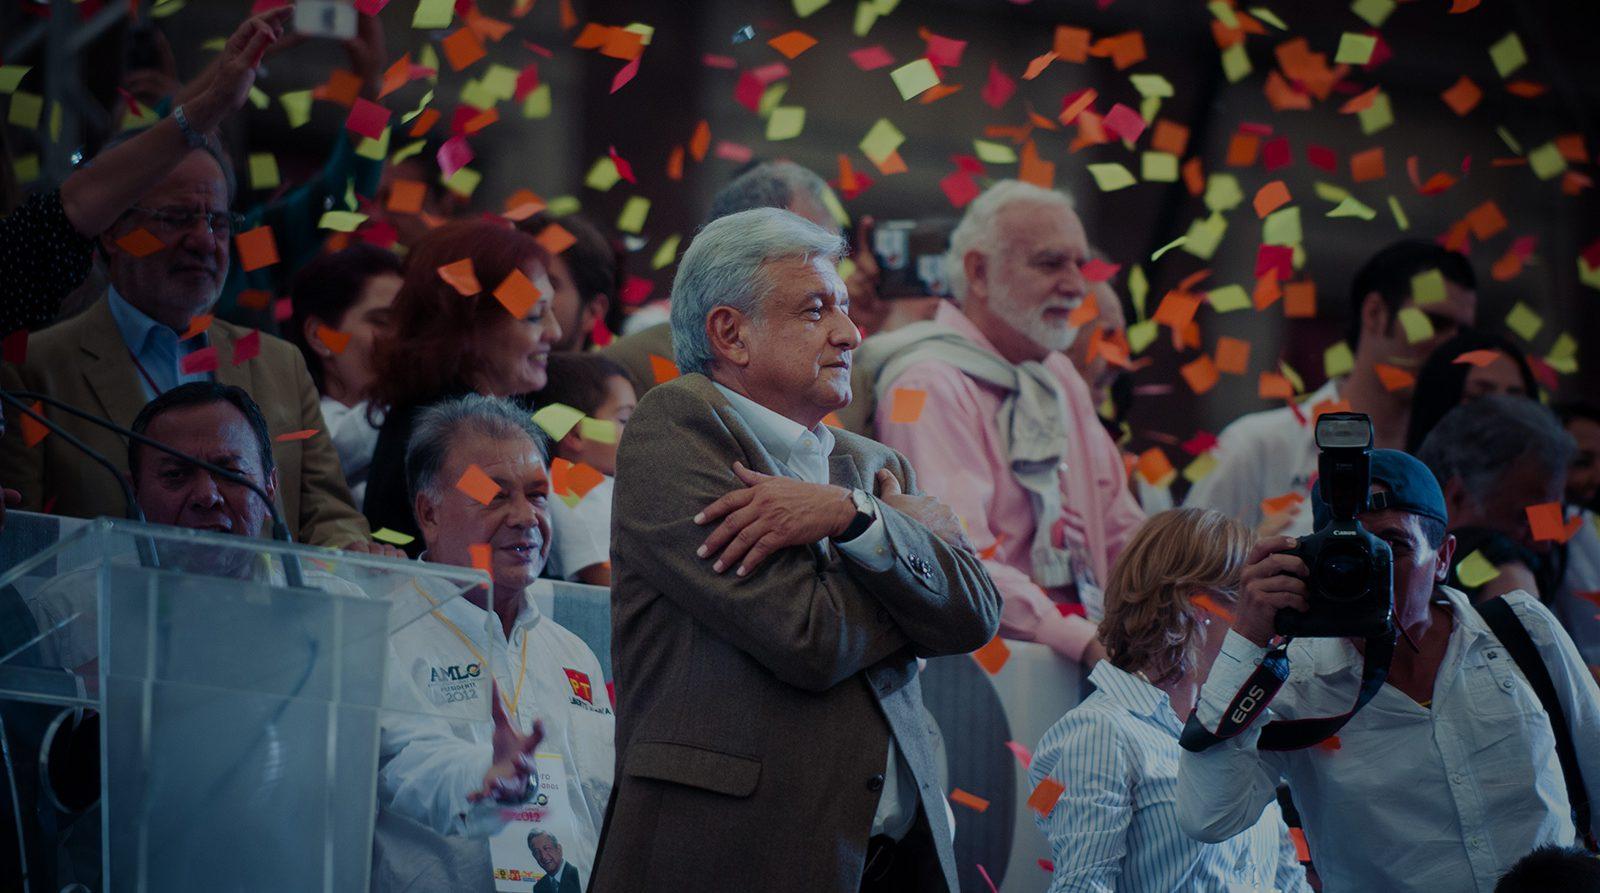 Le nouveau président mexicain pourra-t-il venir à bout des cartels?